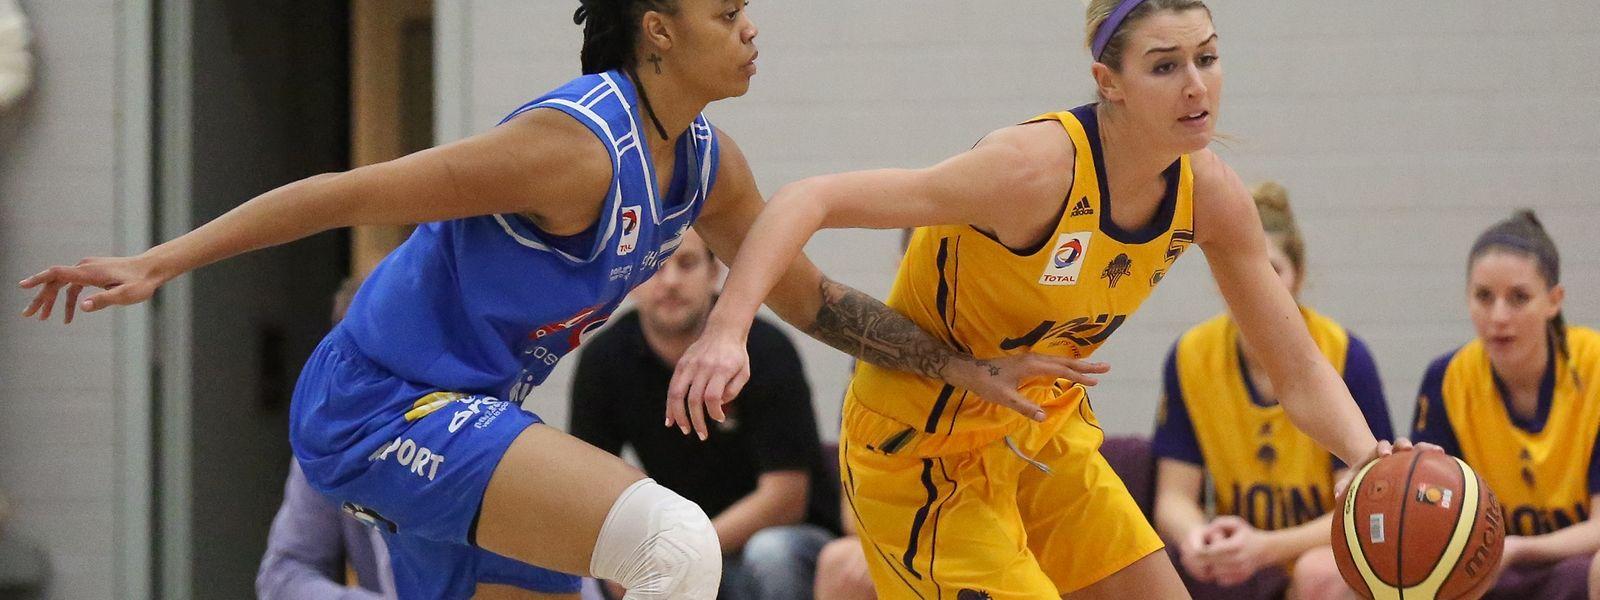 Christina Marinacci (Amicale, l.) zieht an Kristi Bellock (Esch) vorbei.